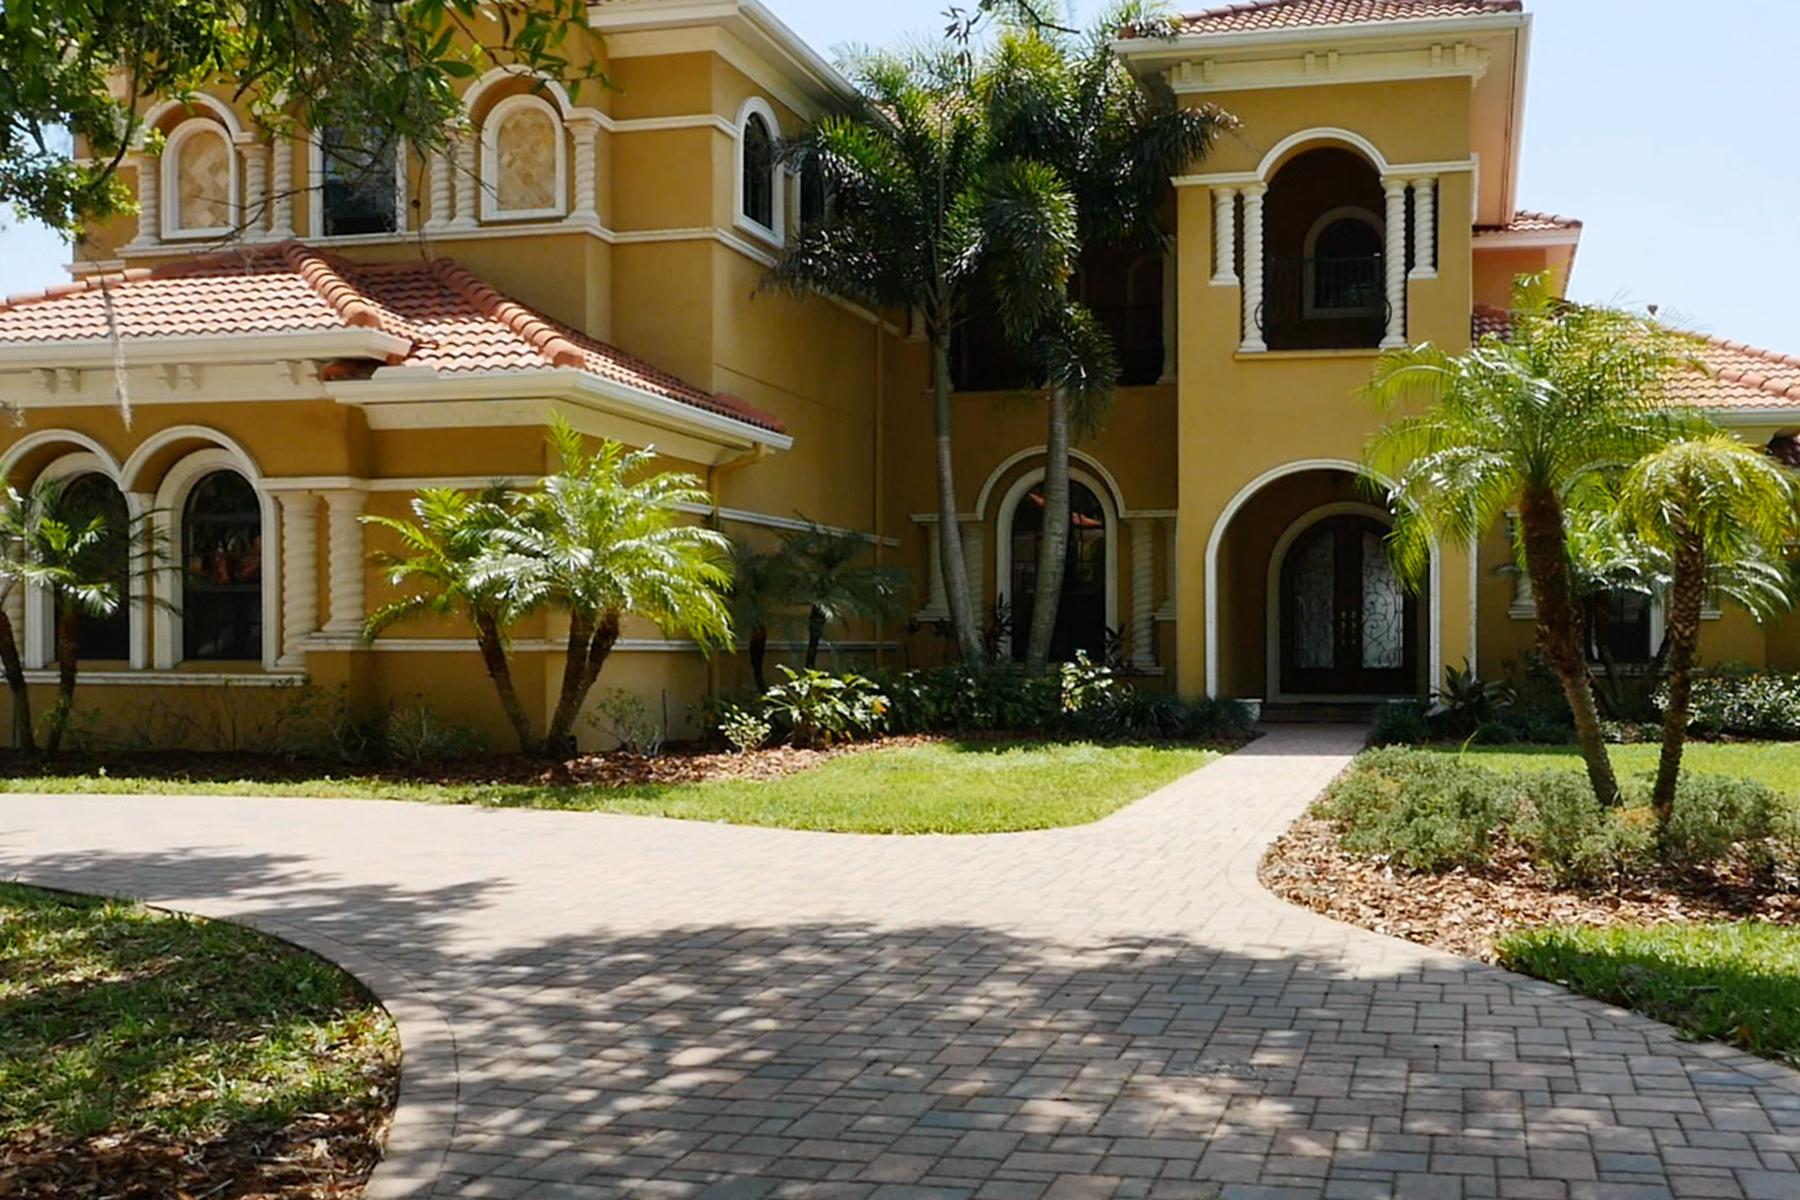 一戸建て のために 売買 アット TAMPA 9528 Tree Tops Lake Rd Tampa, フロリダ, 33626 アメリカ合衆国